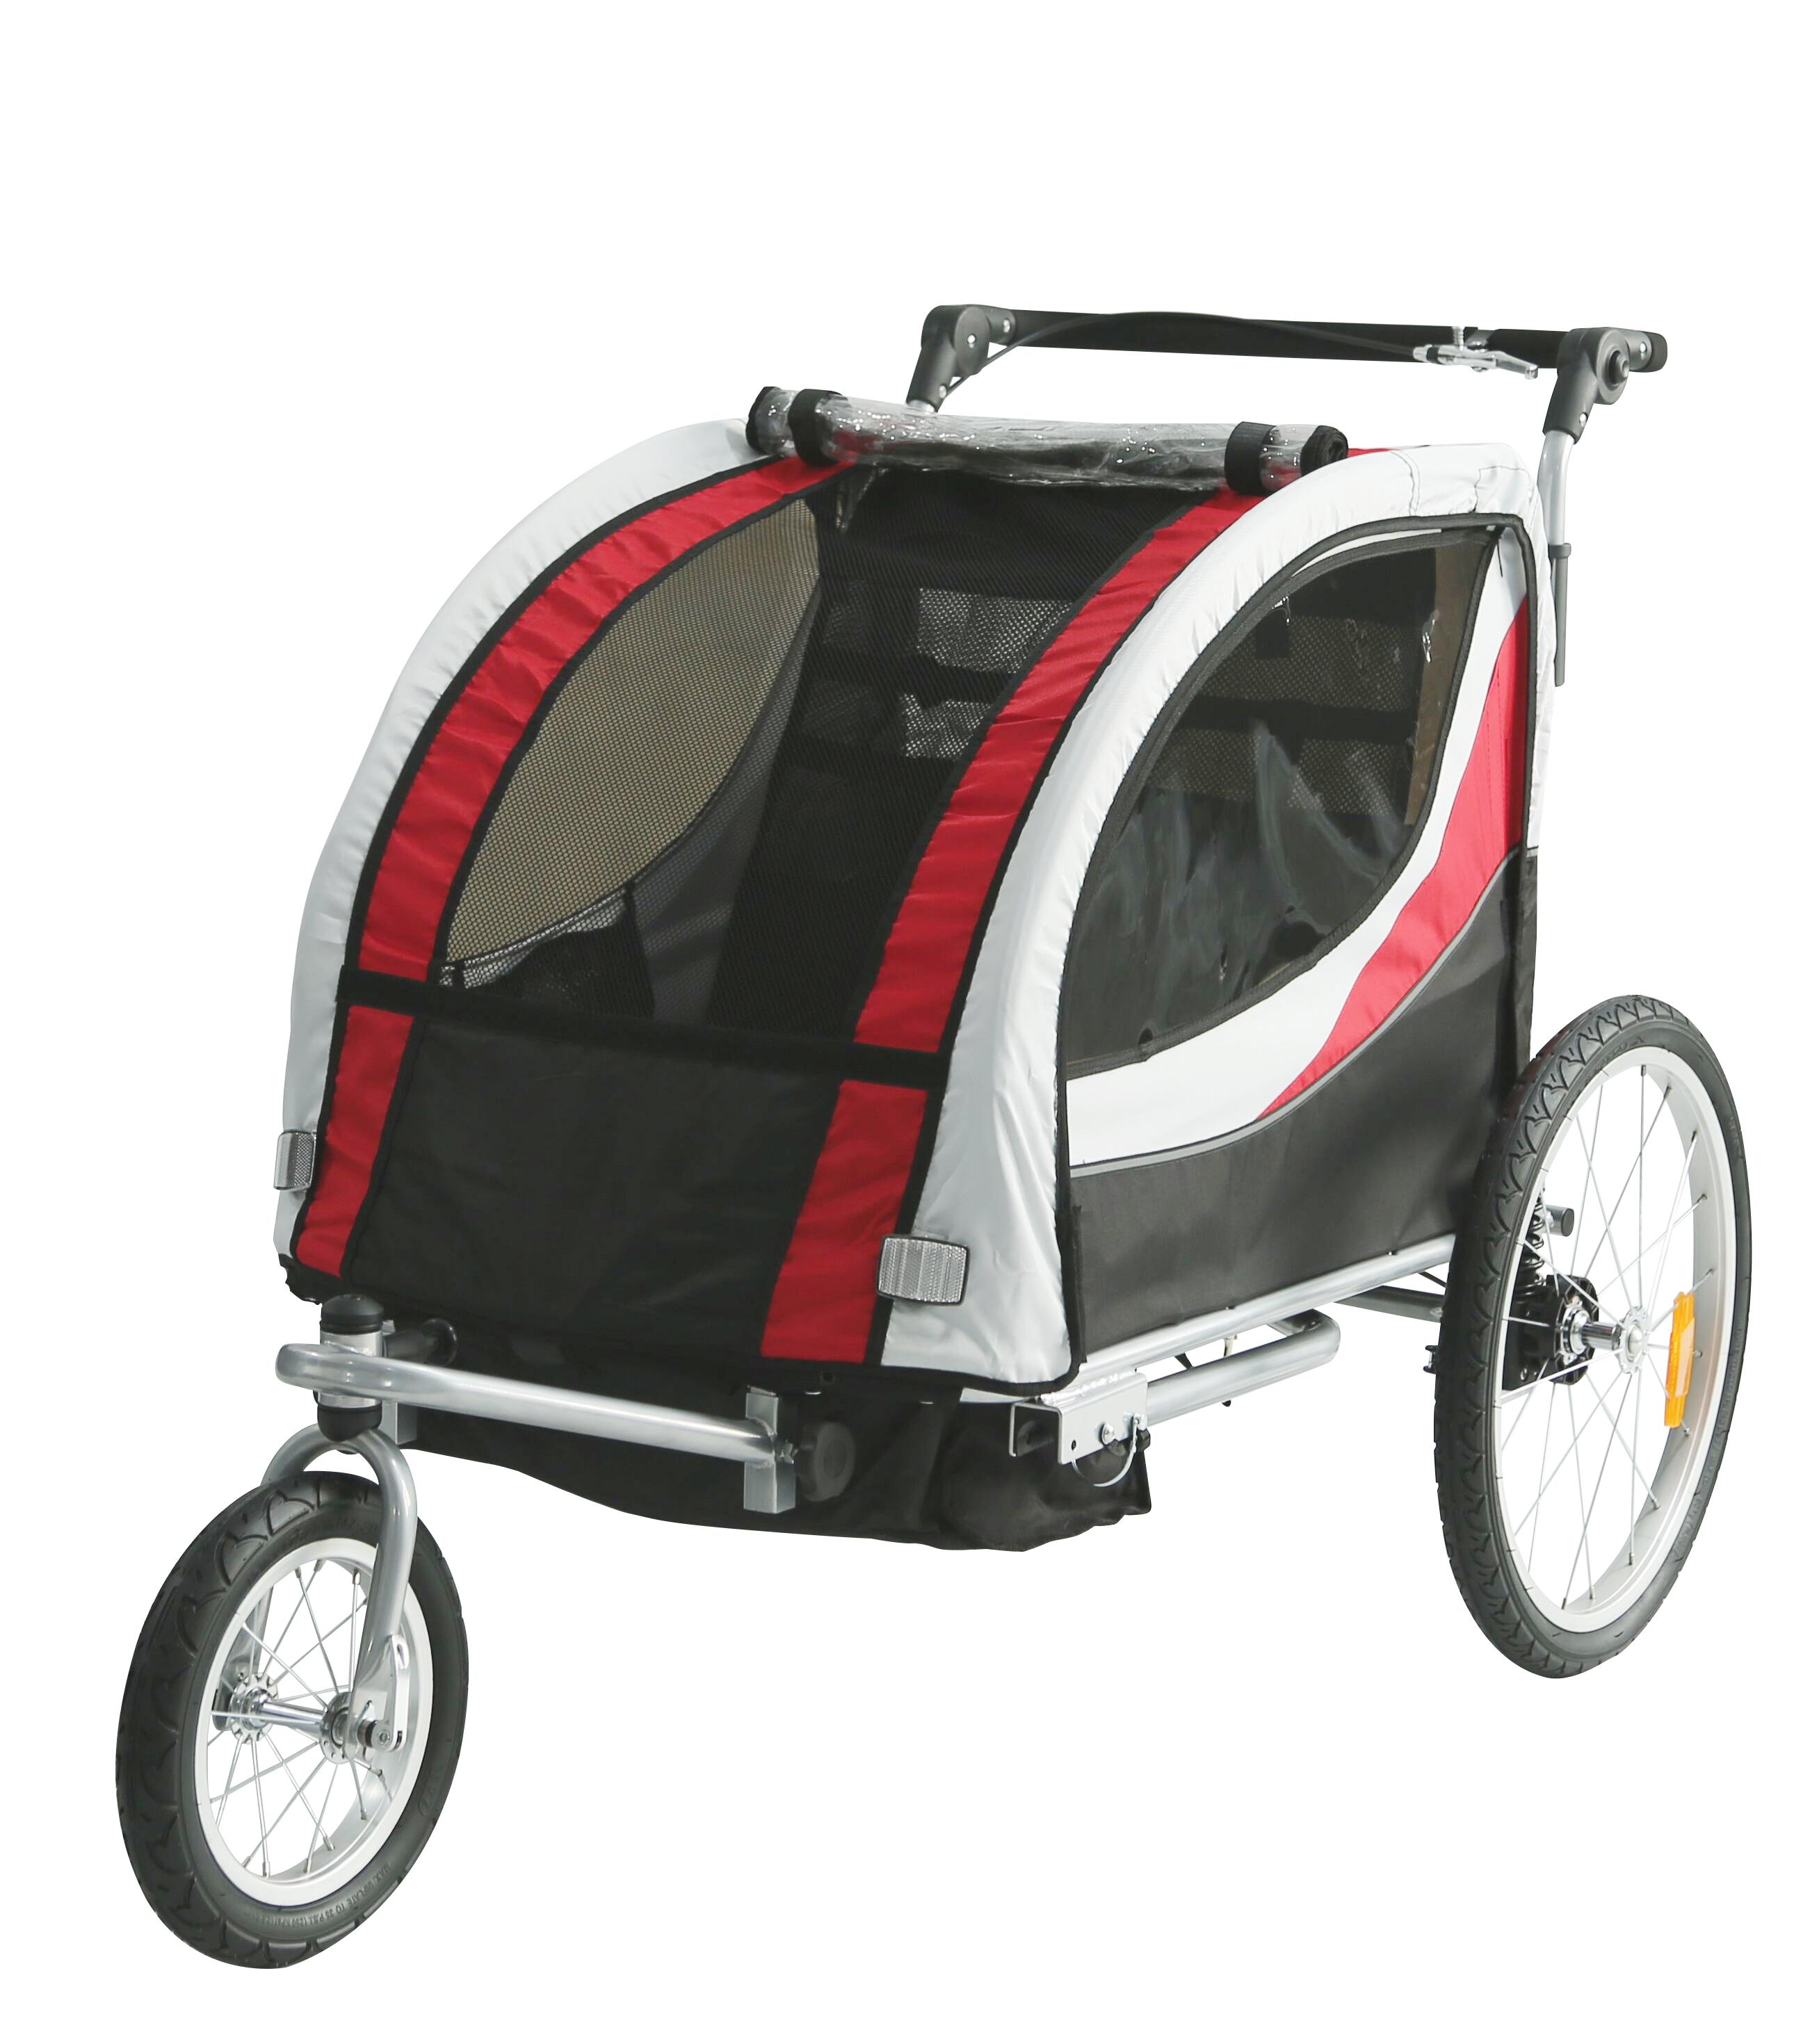 Ebike cargo trailer foldable children carrier bike trailer stroller jogger with EN15918